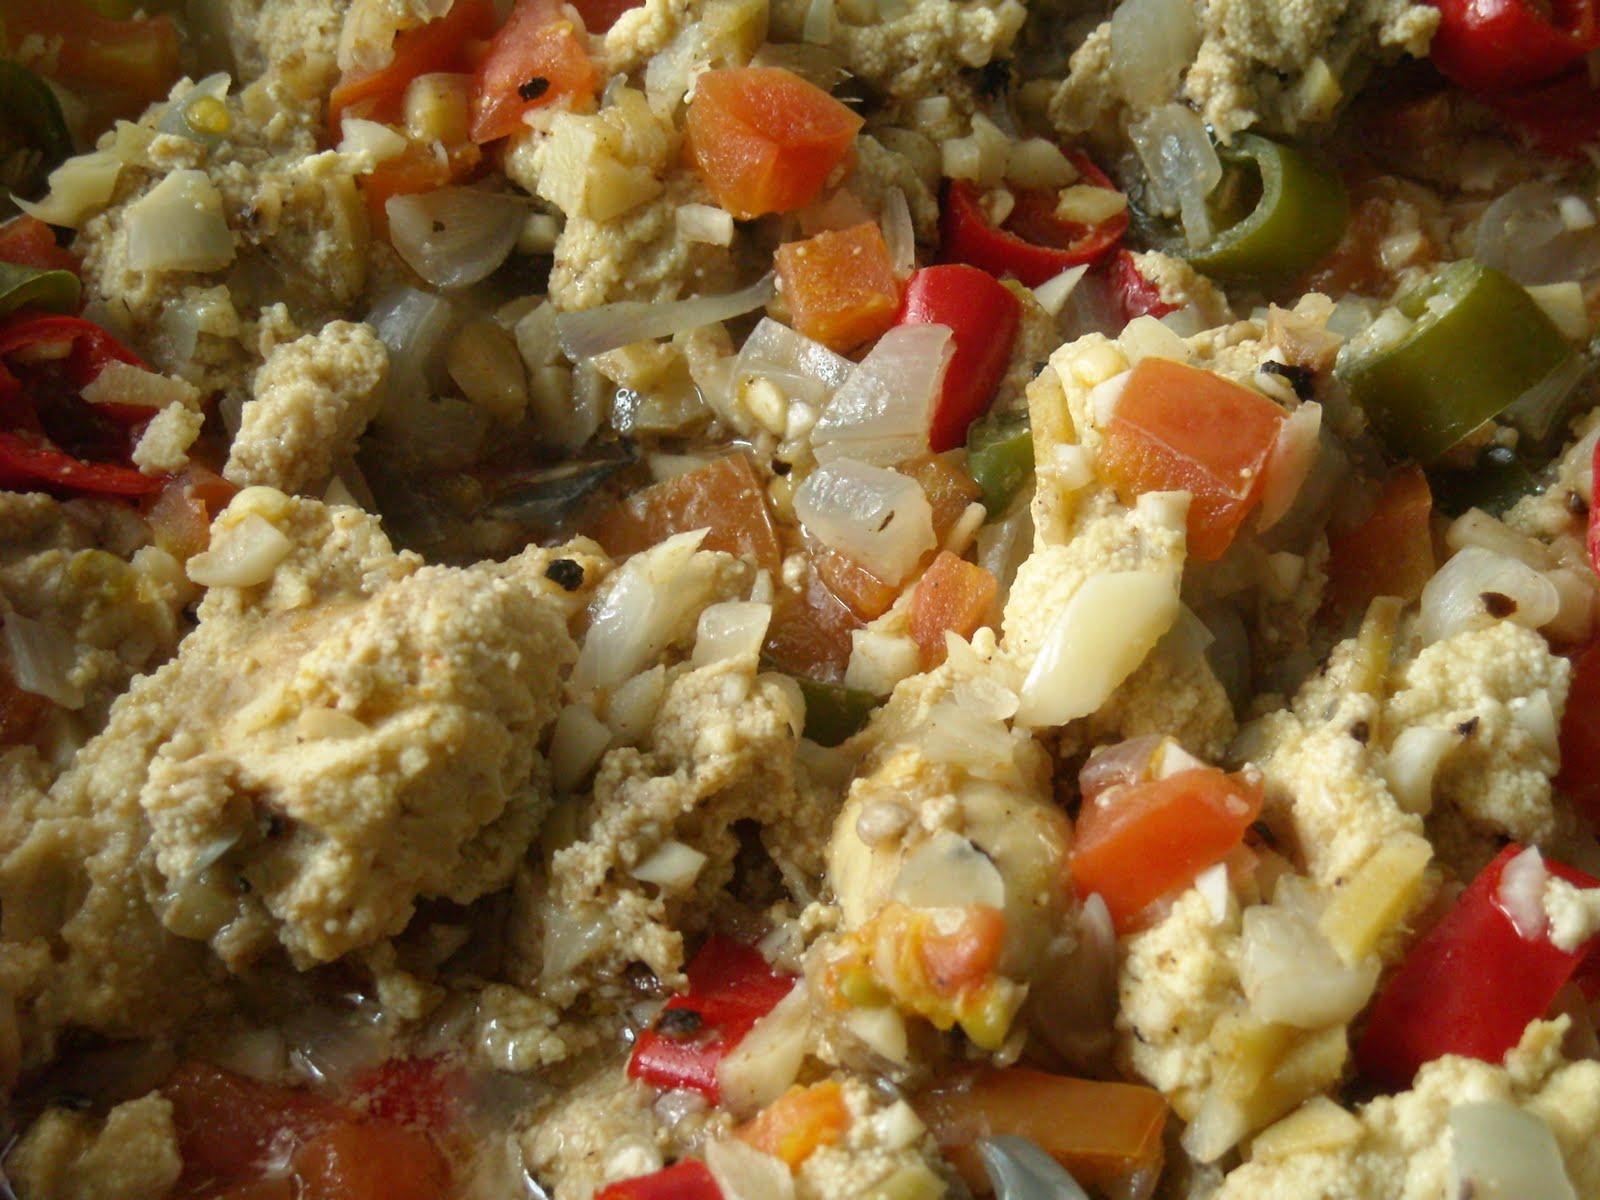 Resep Ayam Kukus Sederhana Sehat Menggoda Selera